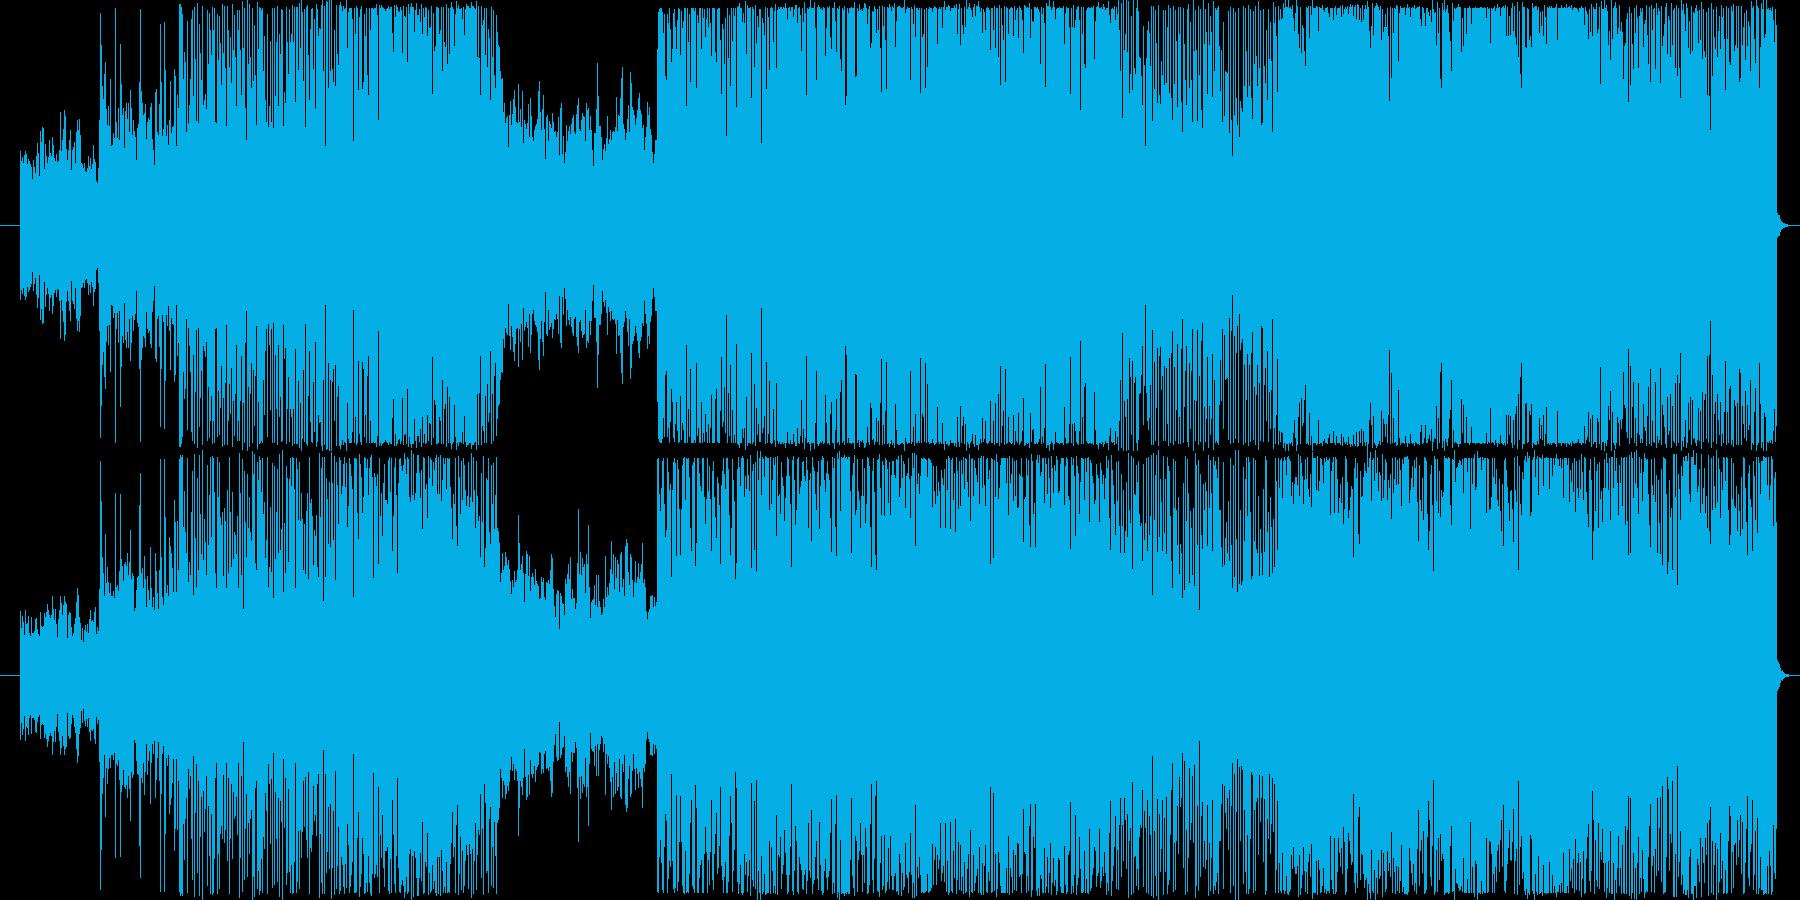 金属楽器の打楽器を使用し作成しました。の再生済みの波形